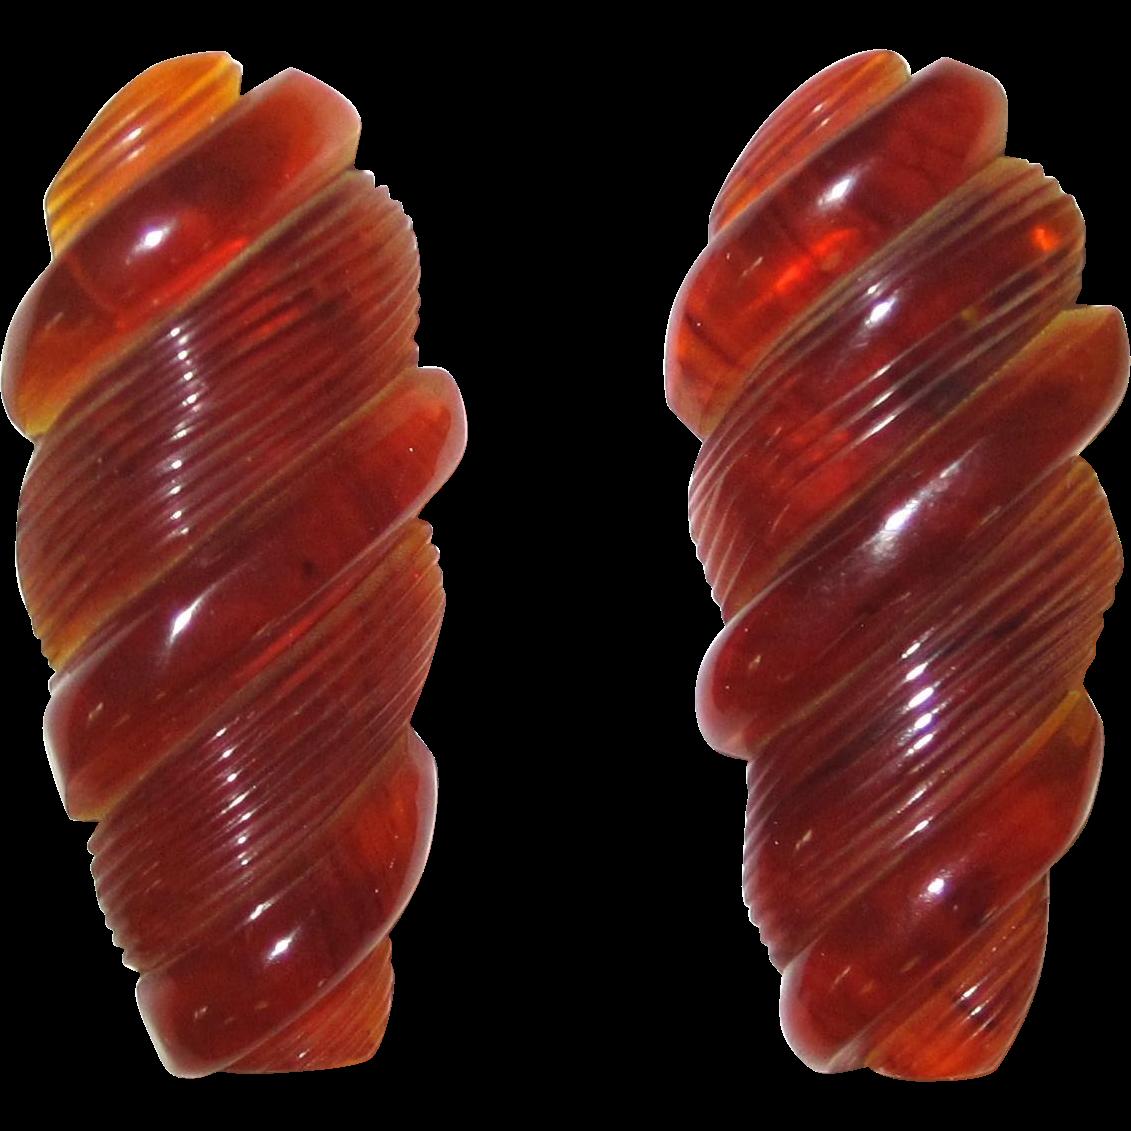 Marbled Translucent Caramel Carved clips